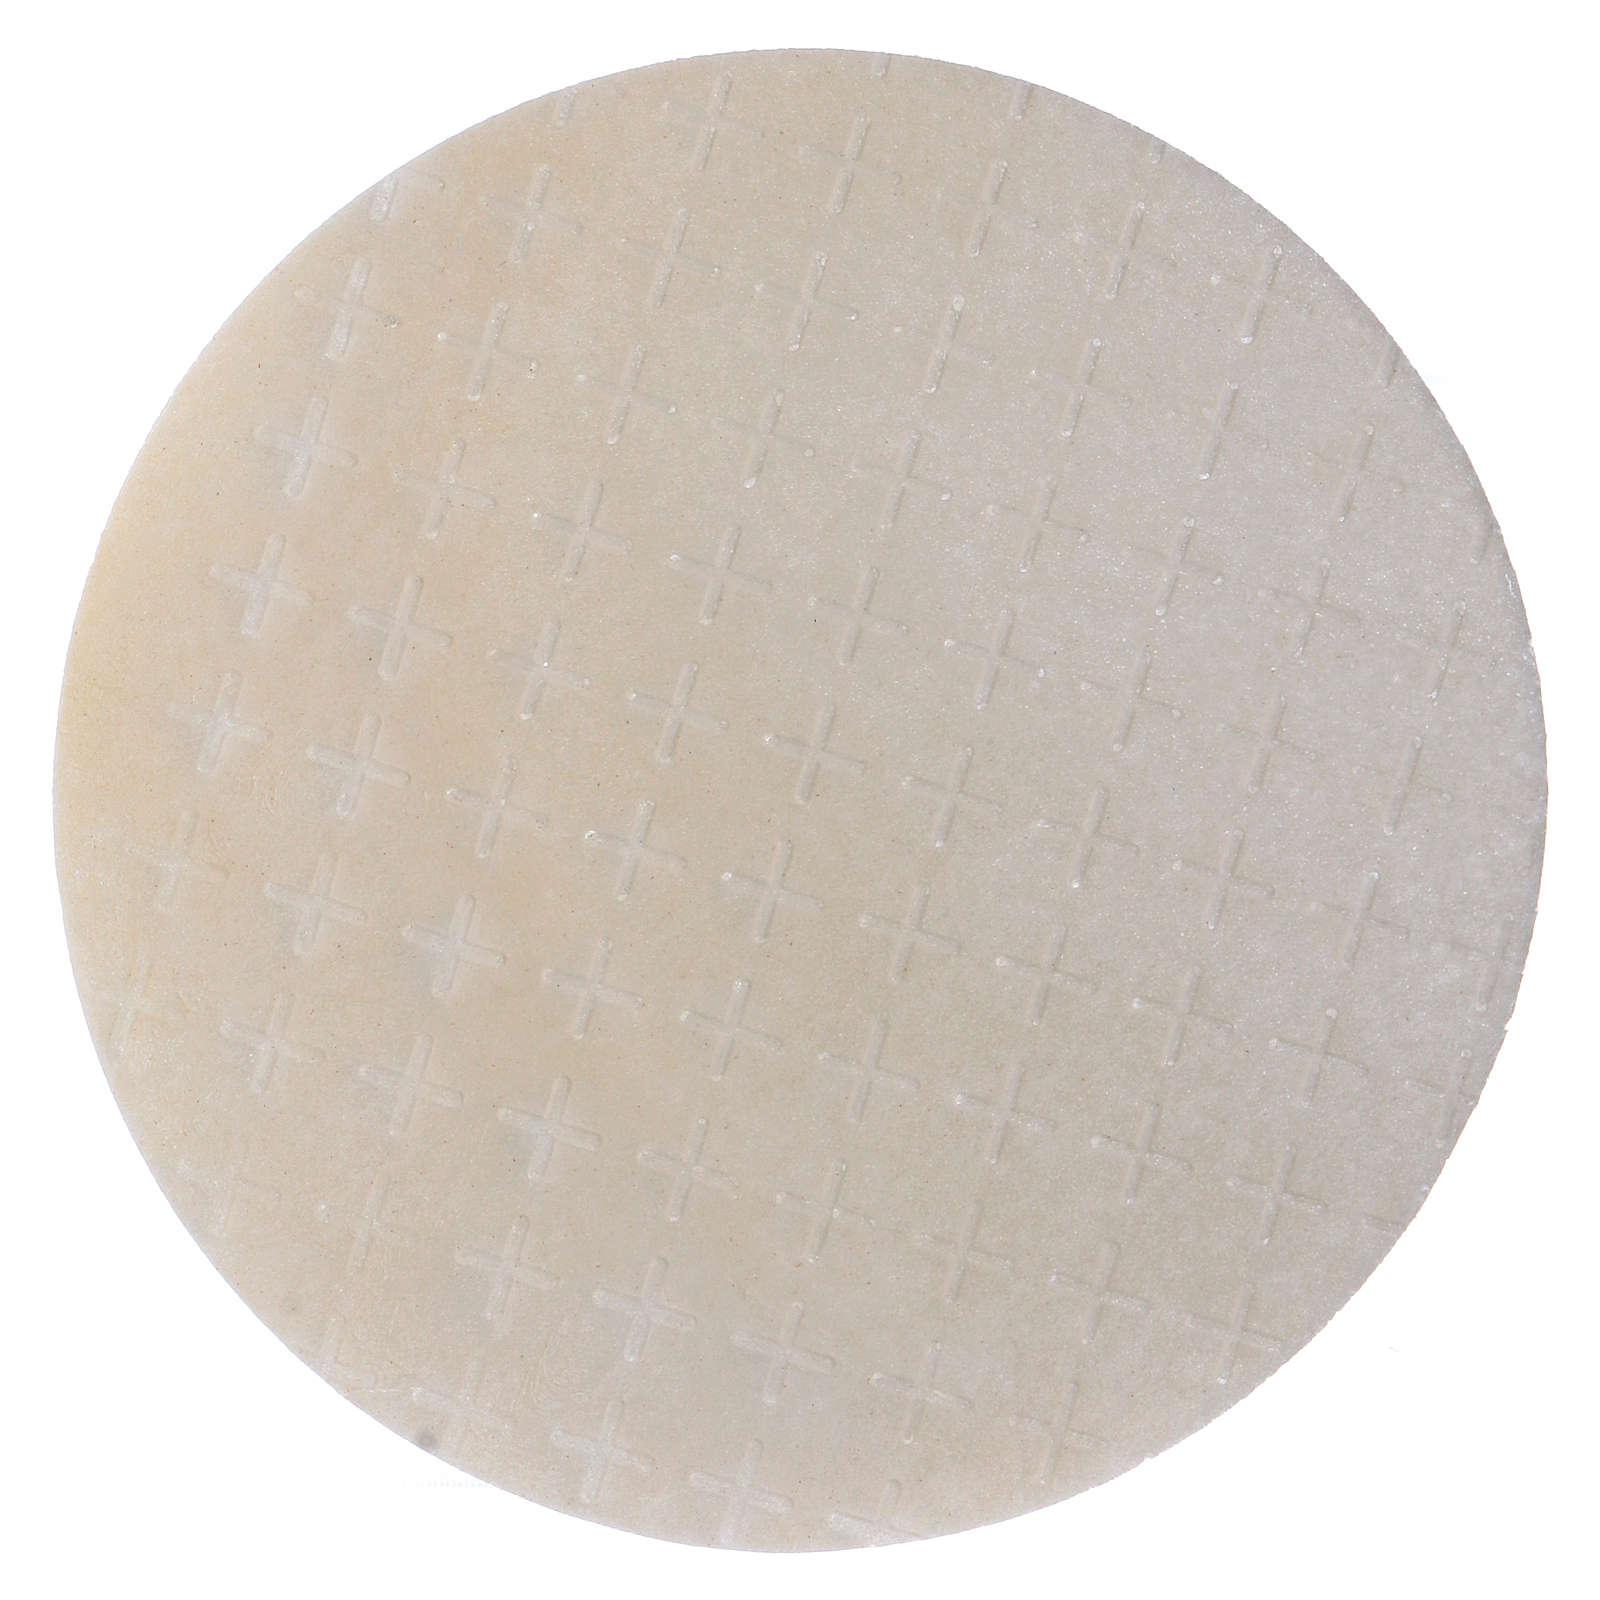 Concelebration host, 5 pcs, diameter: 15 cm 3